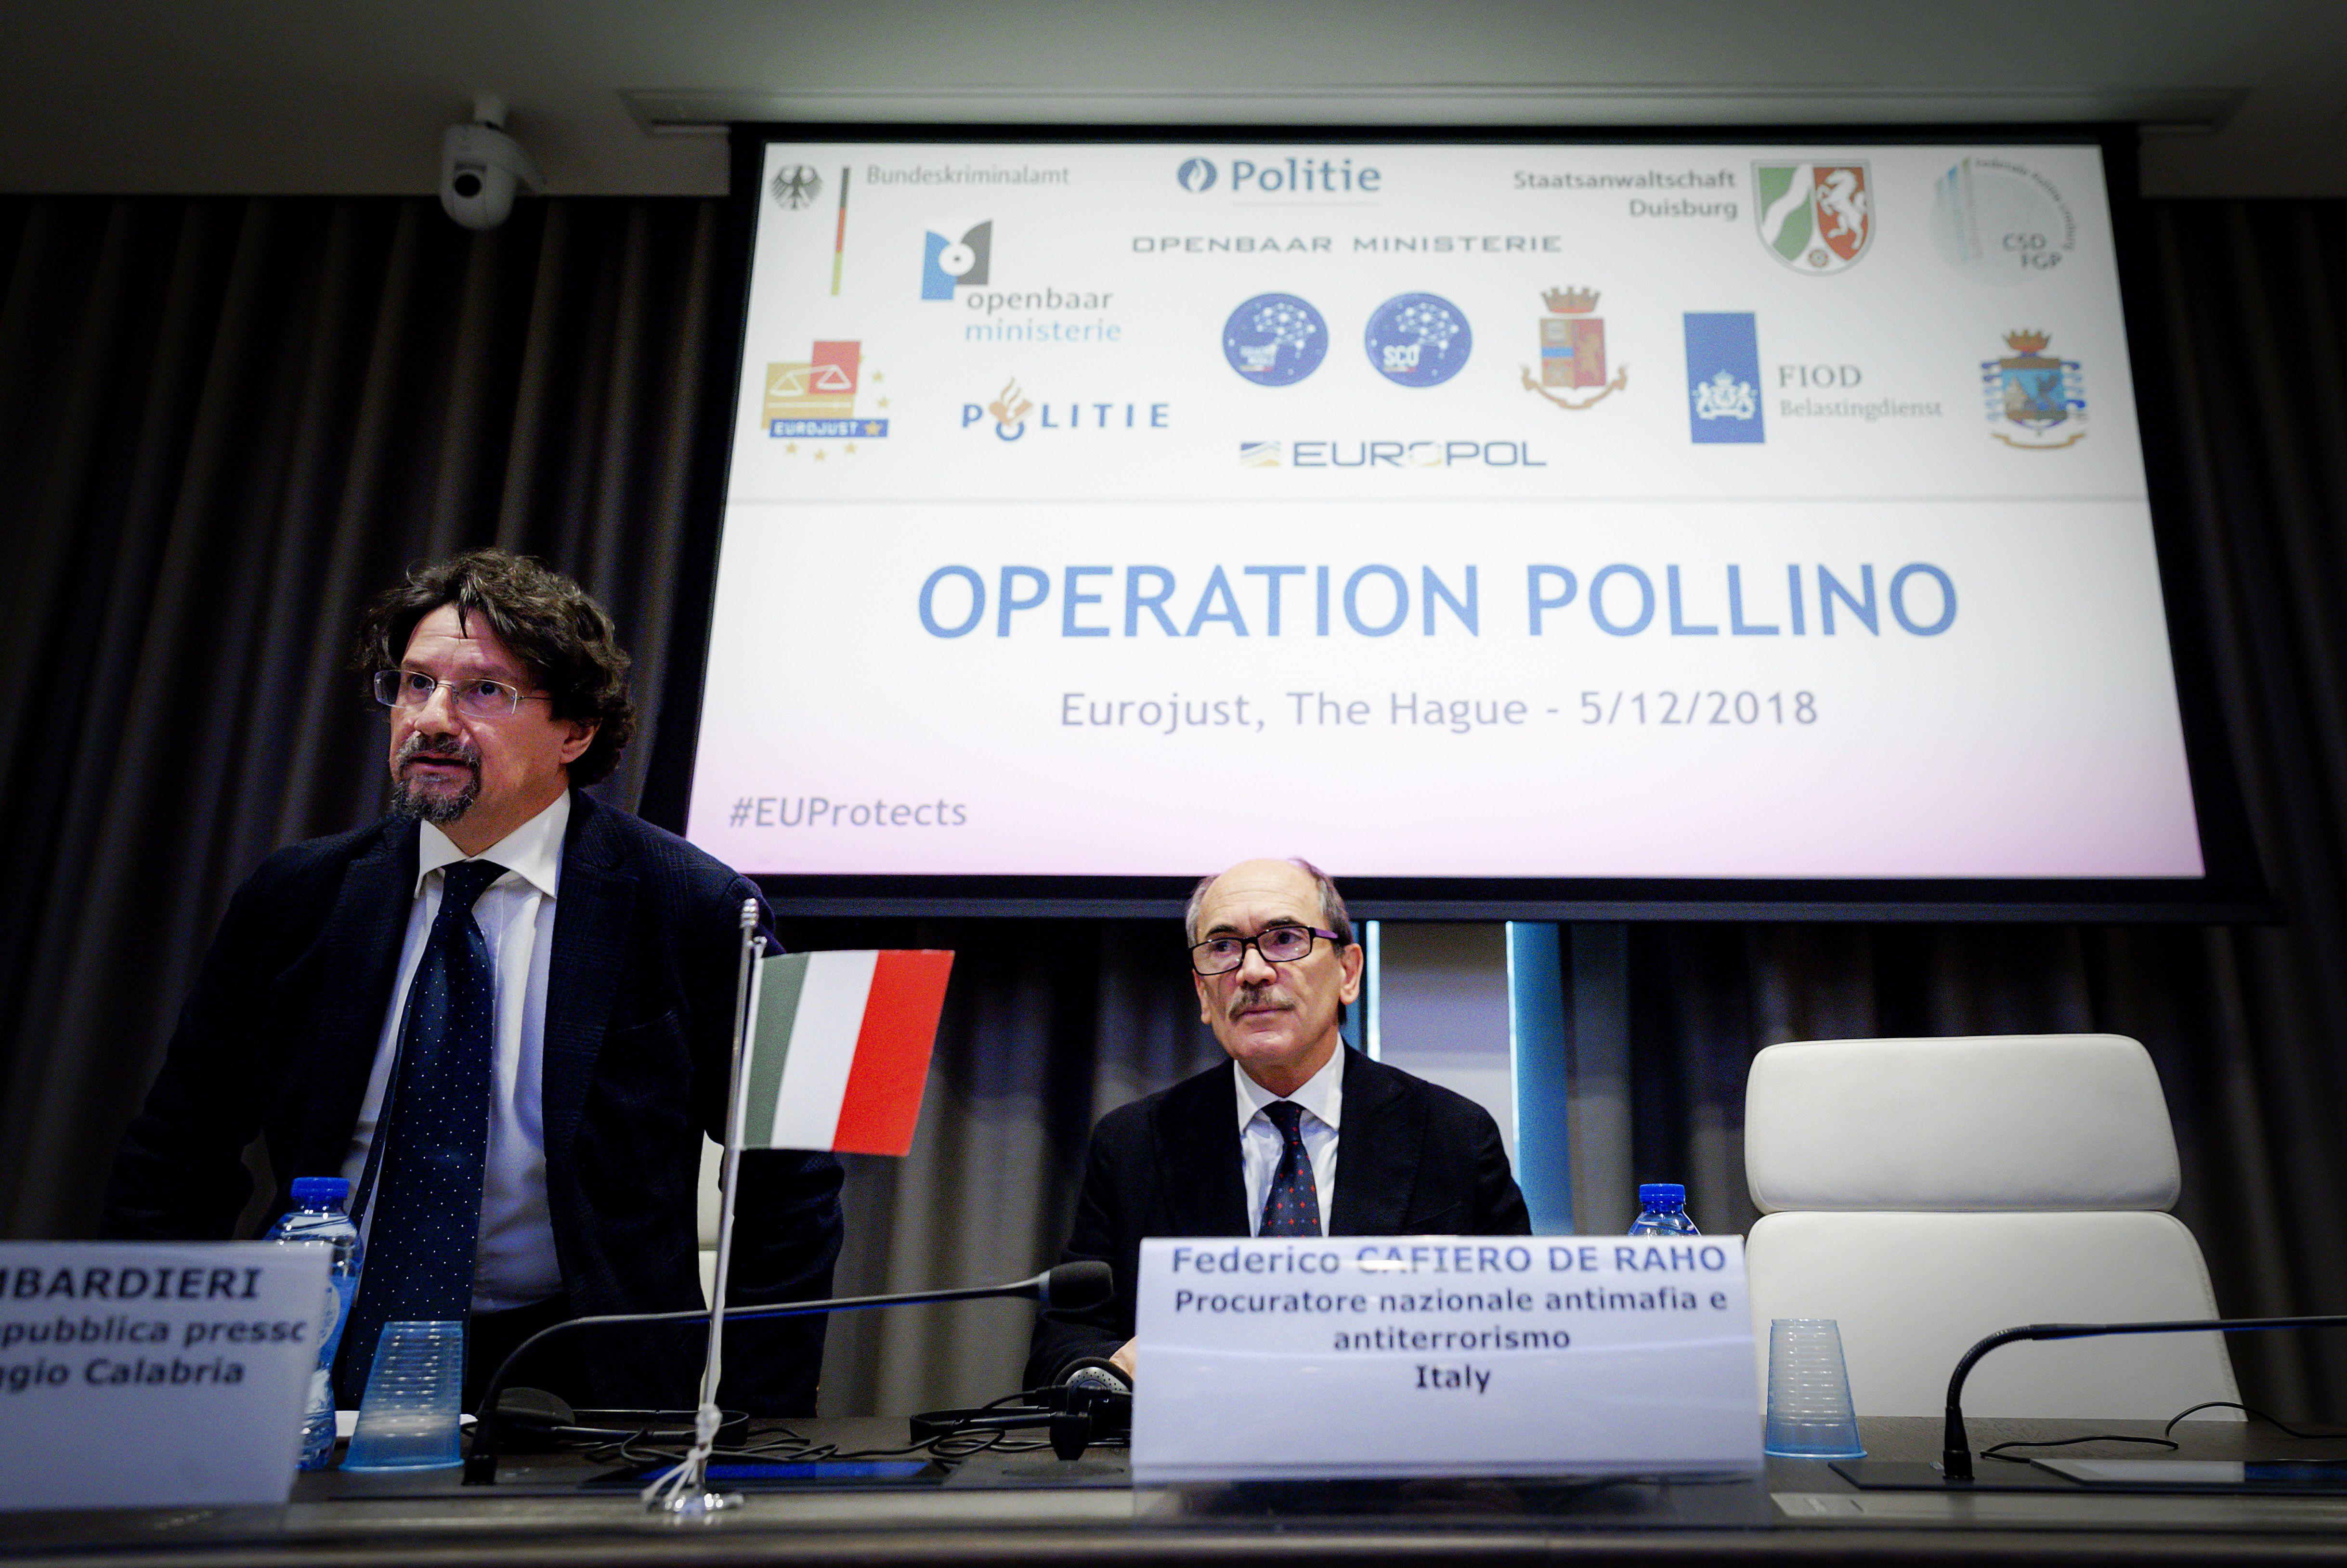 Kontinenseken átívelő akcióban csaptak le az olasz maffiára, 90 embert tartóztattak le